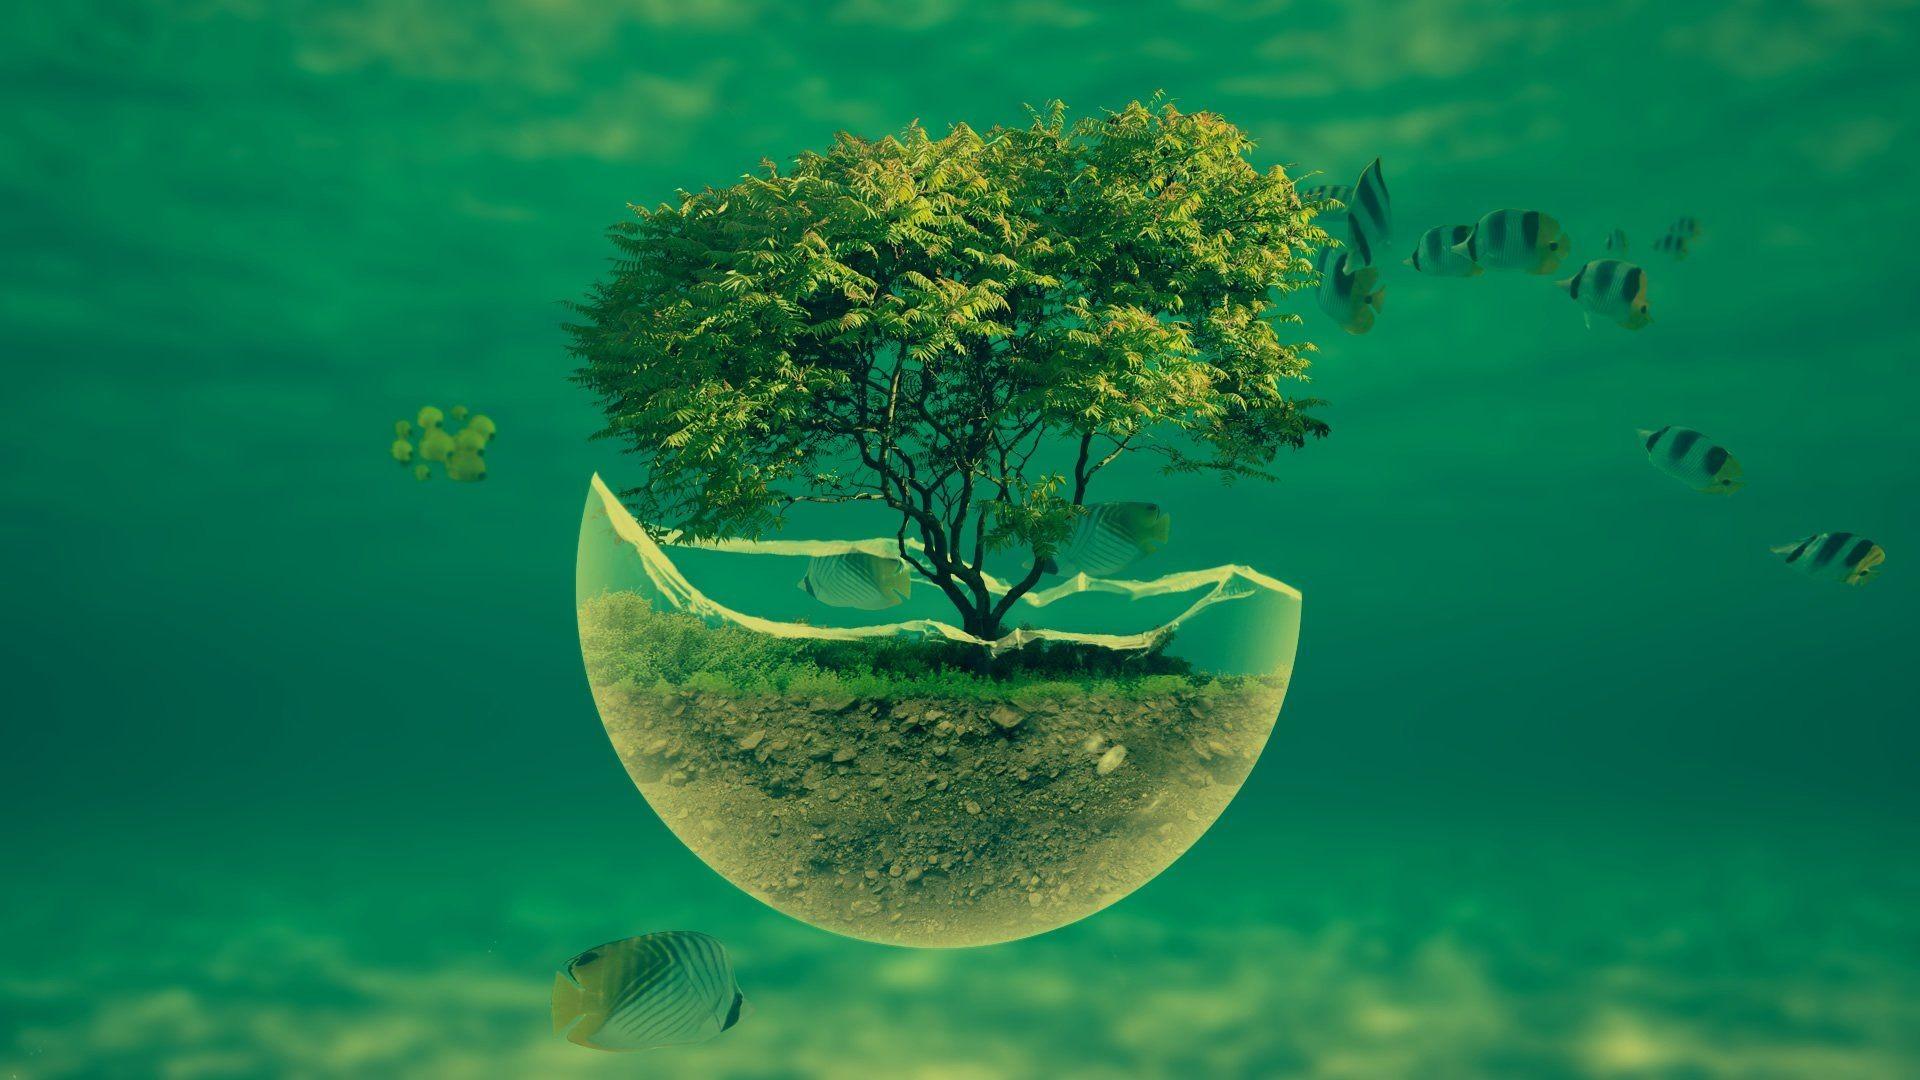 … 1188_3d_abstract Underwater Tree Widescreen Hd Abstract Desktop  Wallpaper. Download